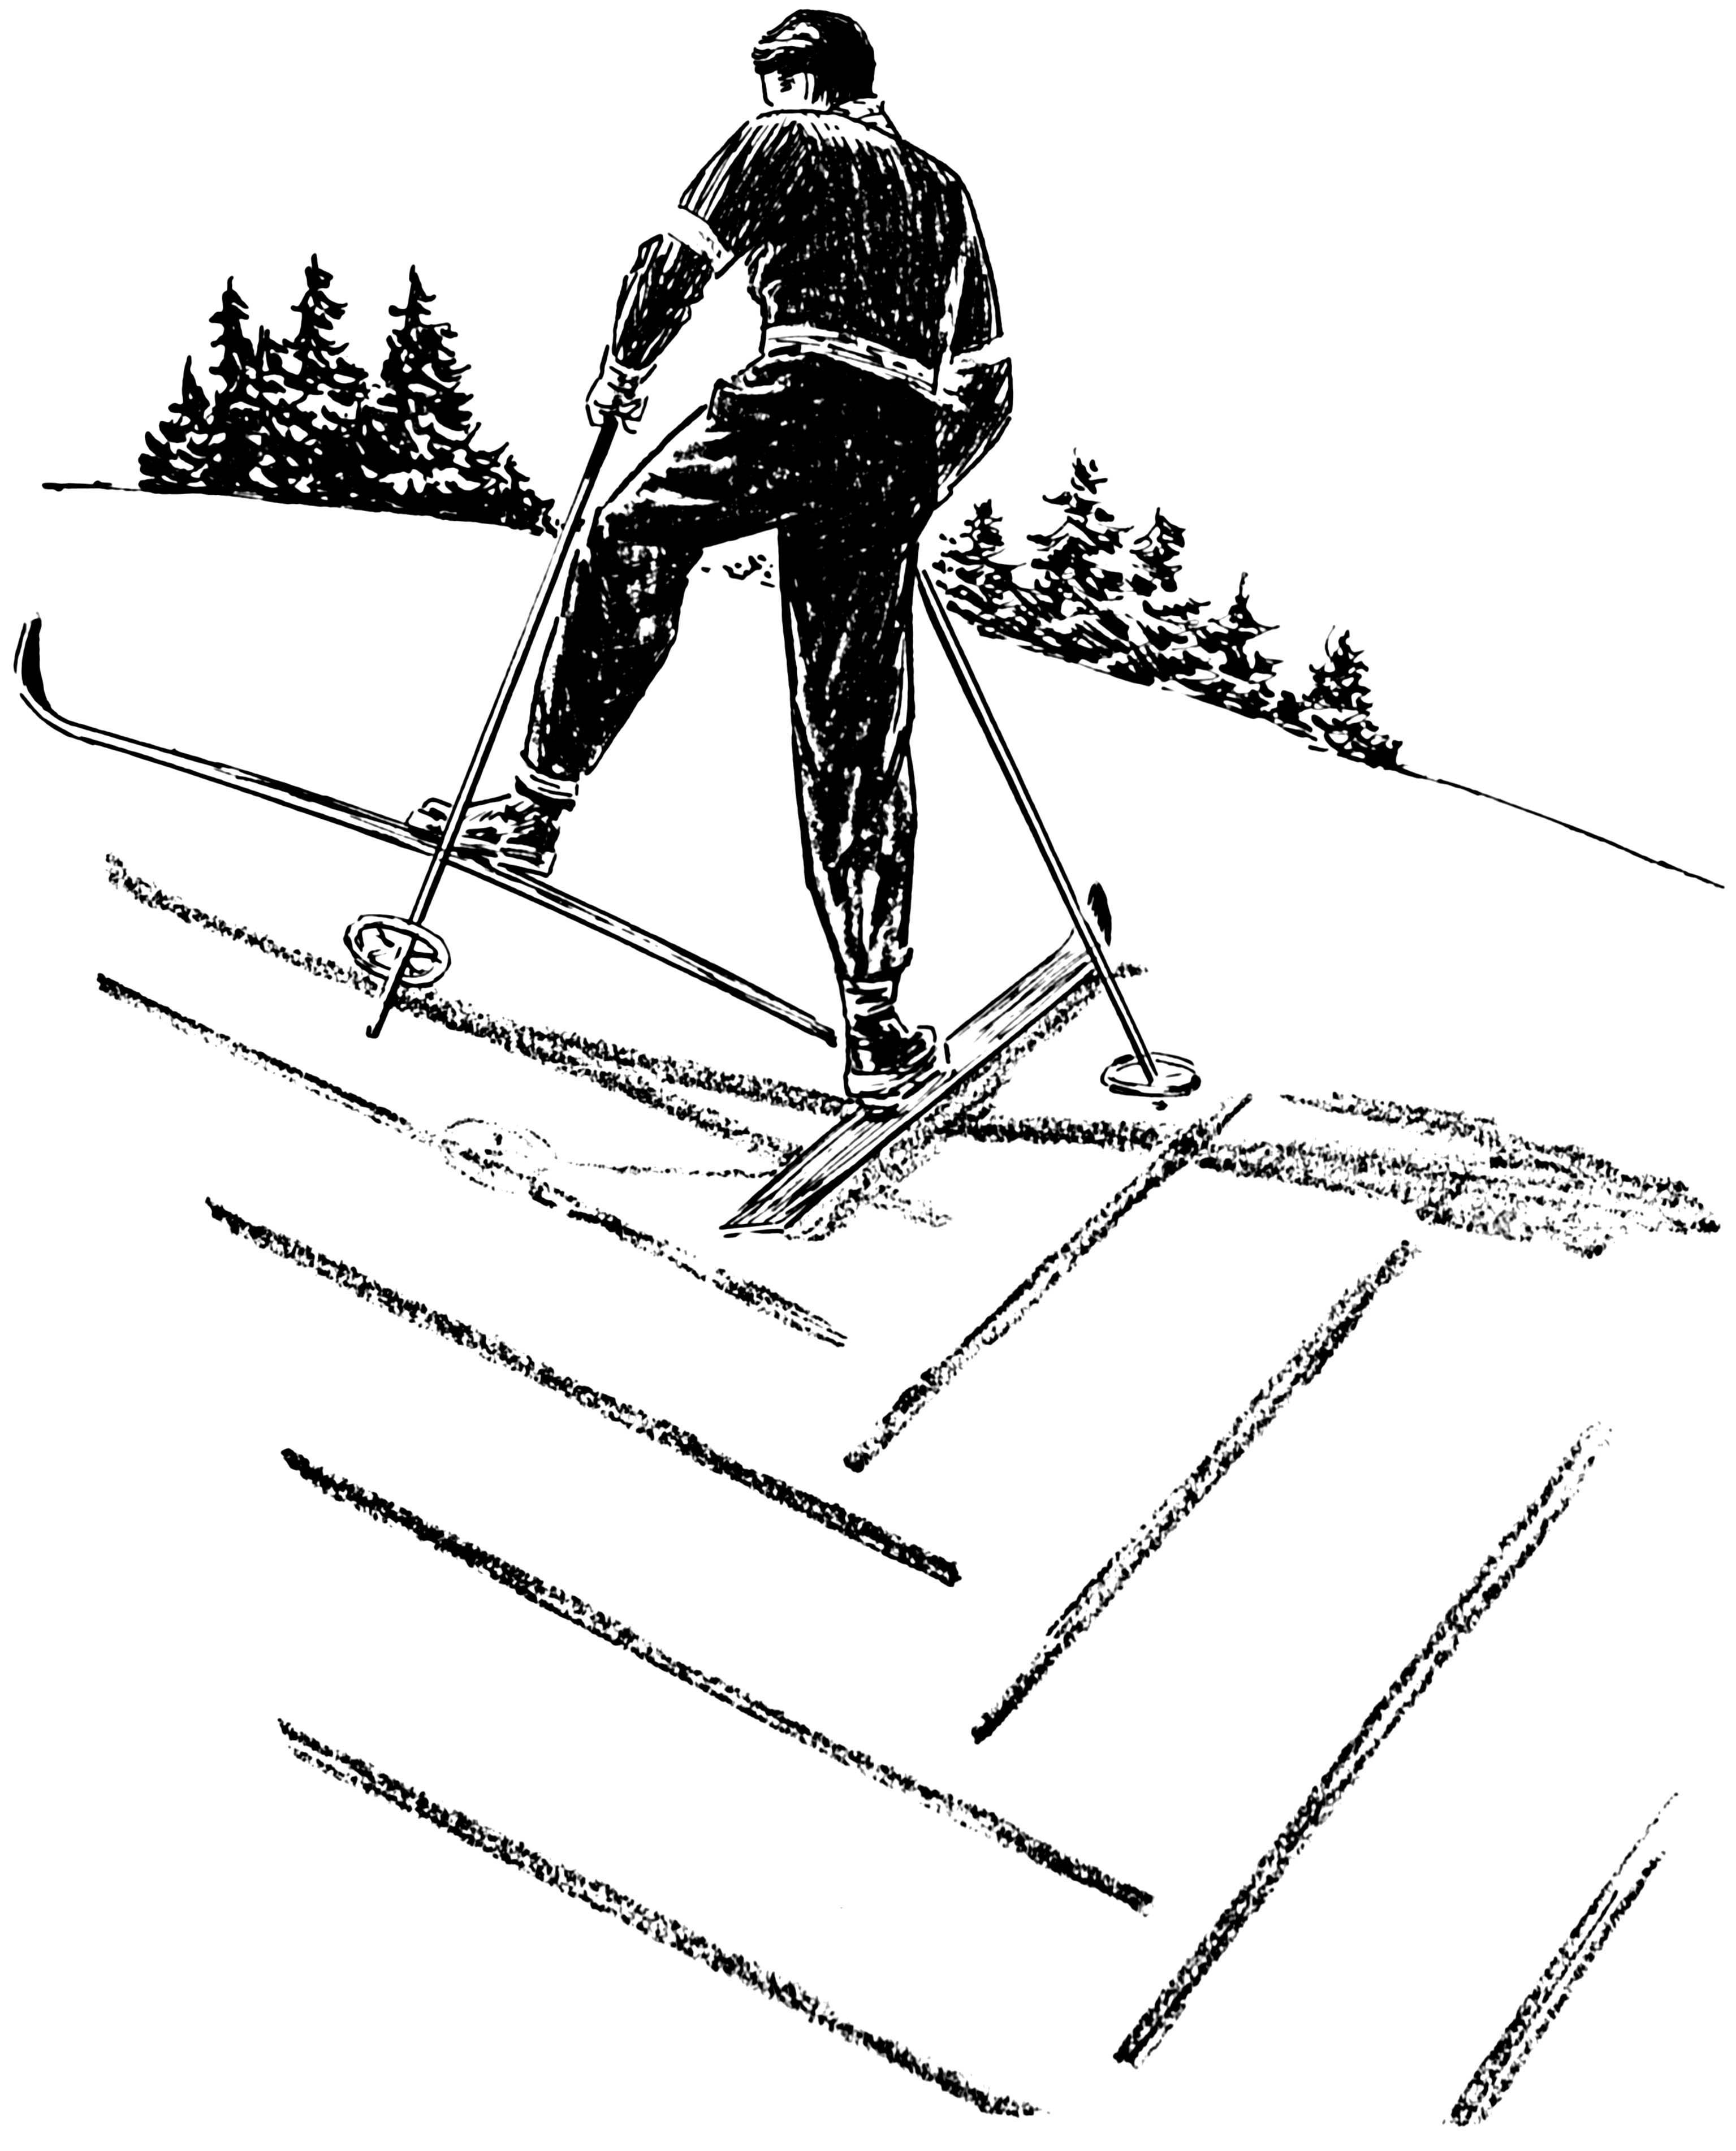 Malvorlage Ski fahren - bergauf gehen | Ausmalbild 15943.